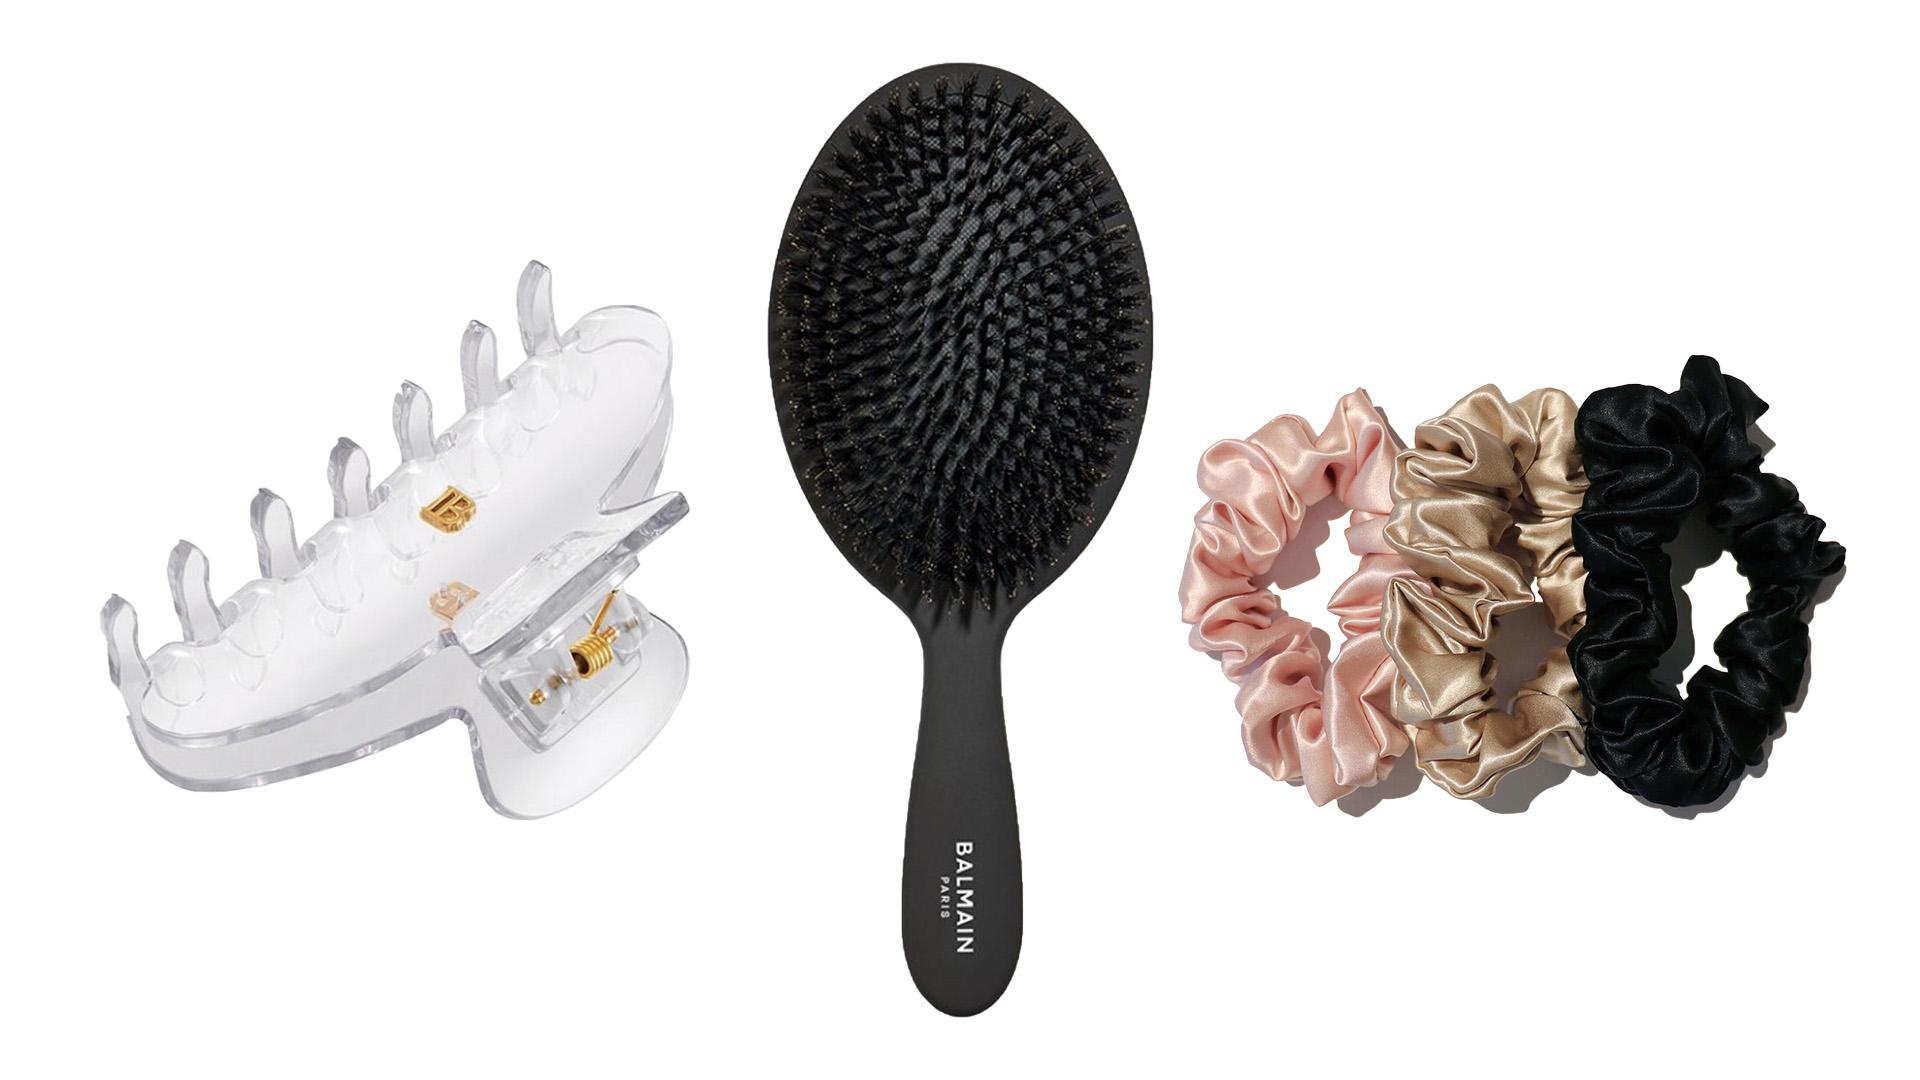 kosmetický wishlist 2020 vlasy a doplňky